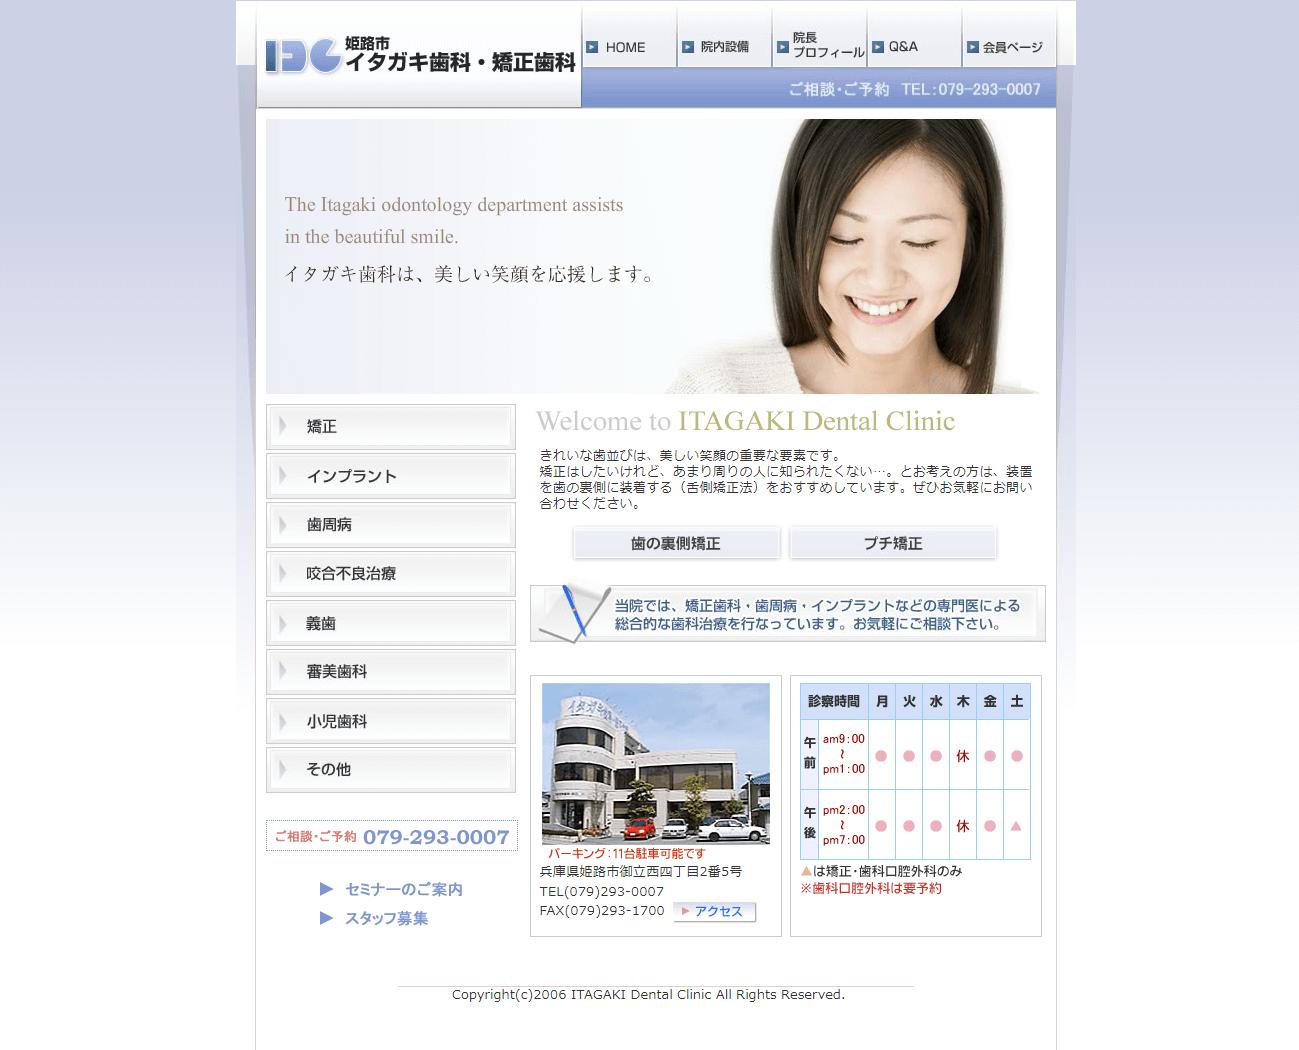 旧サイト:姫路市 イタガキ歯科・矯正歯科様 ホームページ制作